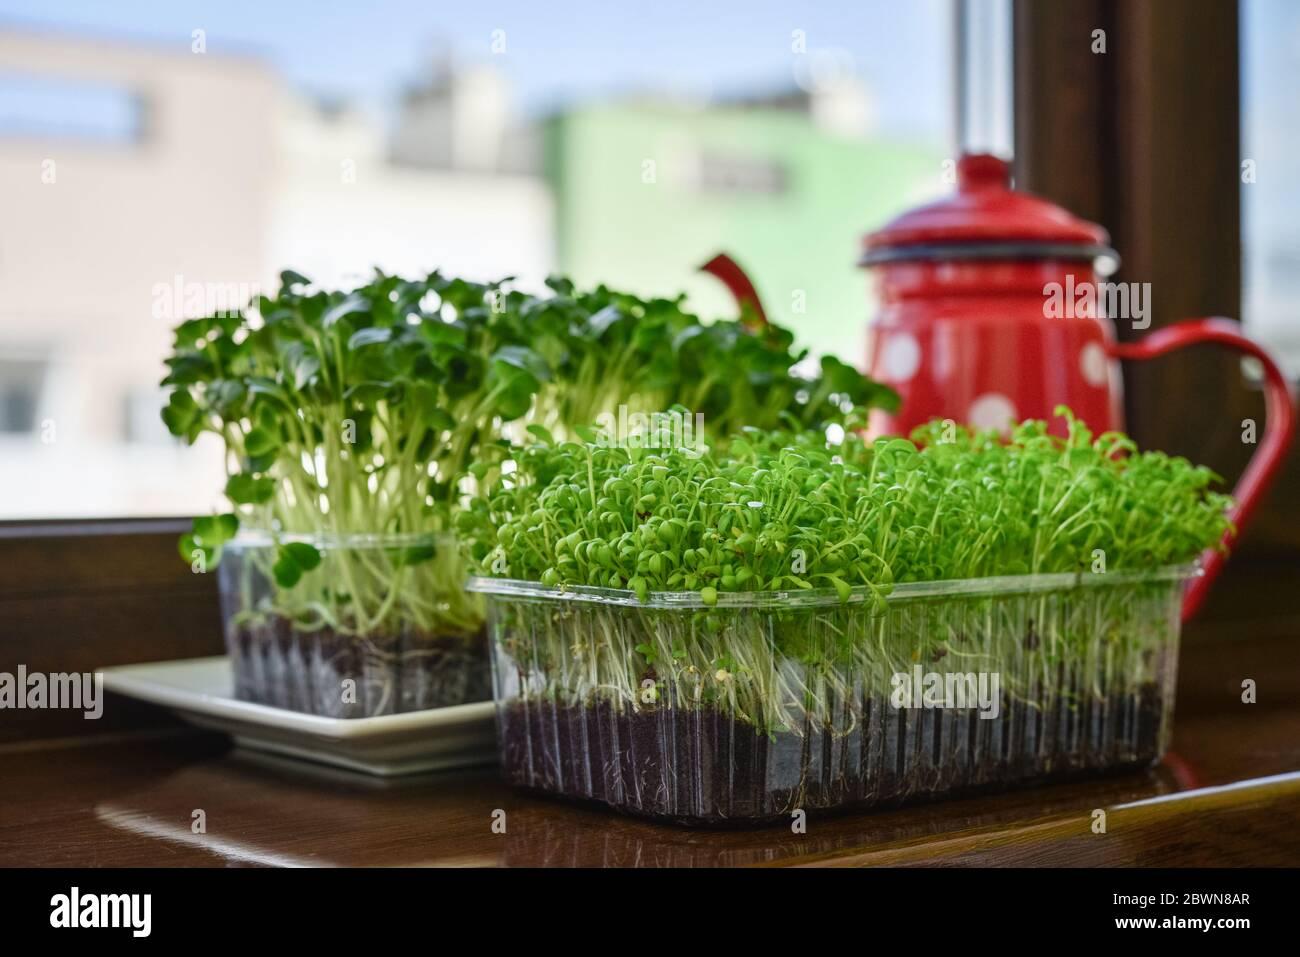 Microgreen de cresson de jardin et radis daikon, jeunes plantes, dans un contenant en plastique sur la fermeture de seuil de fenêtre Banque D'Images